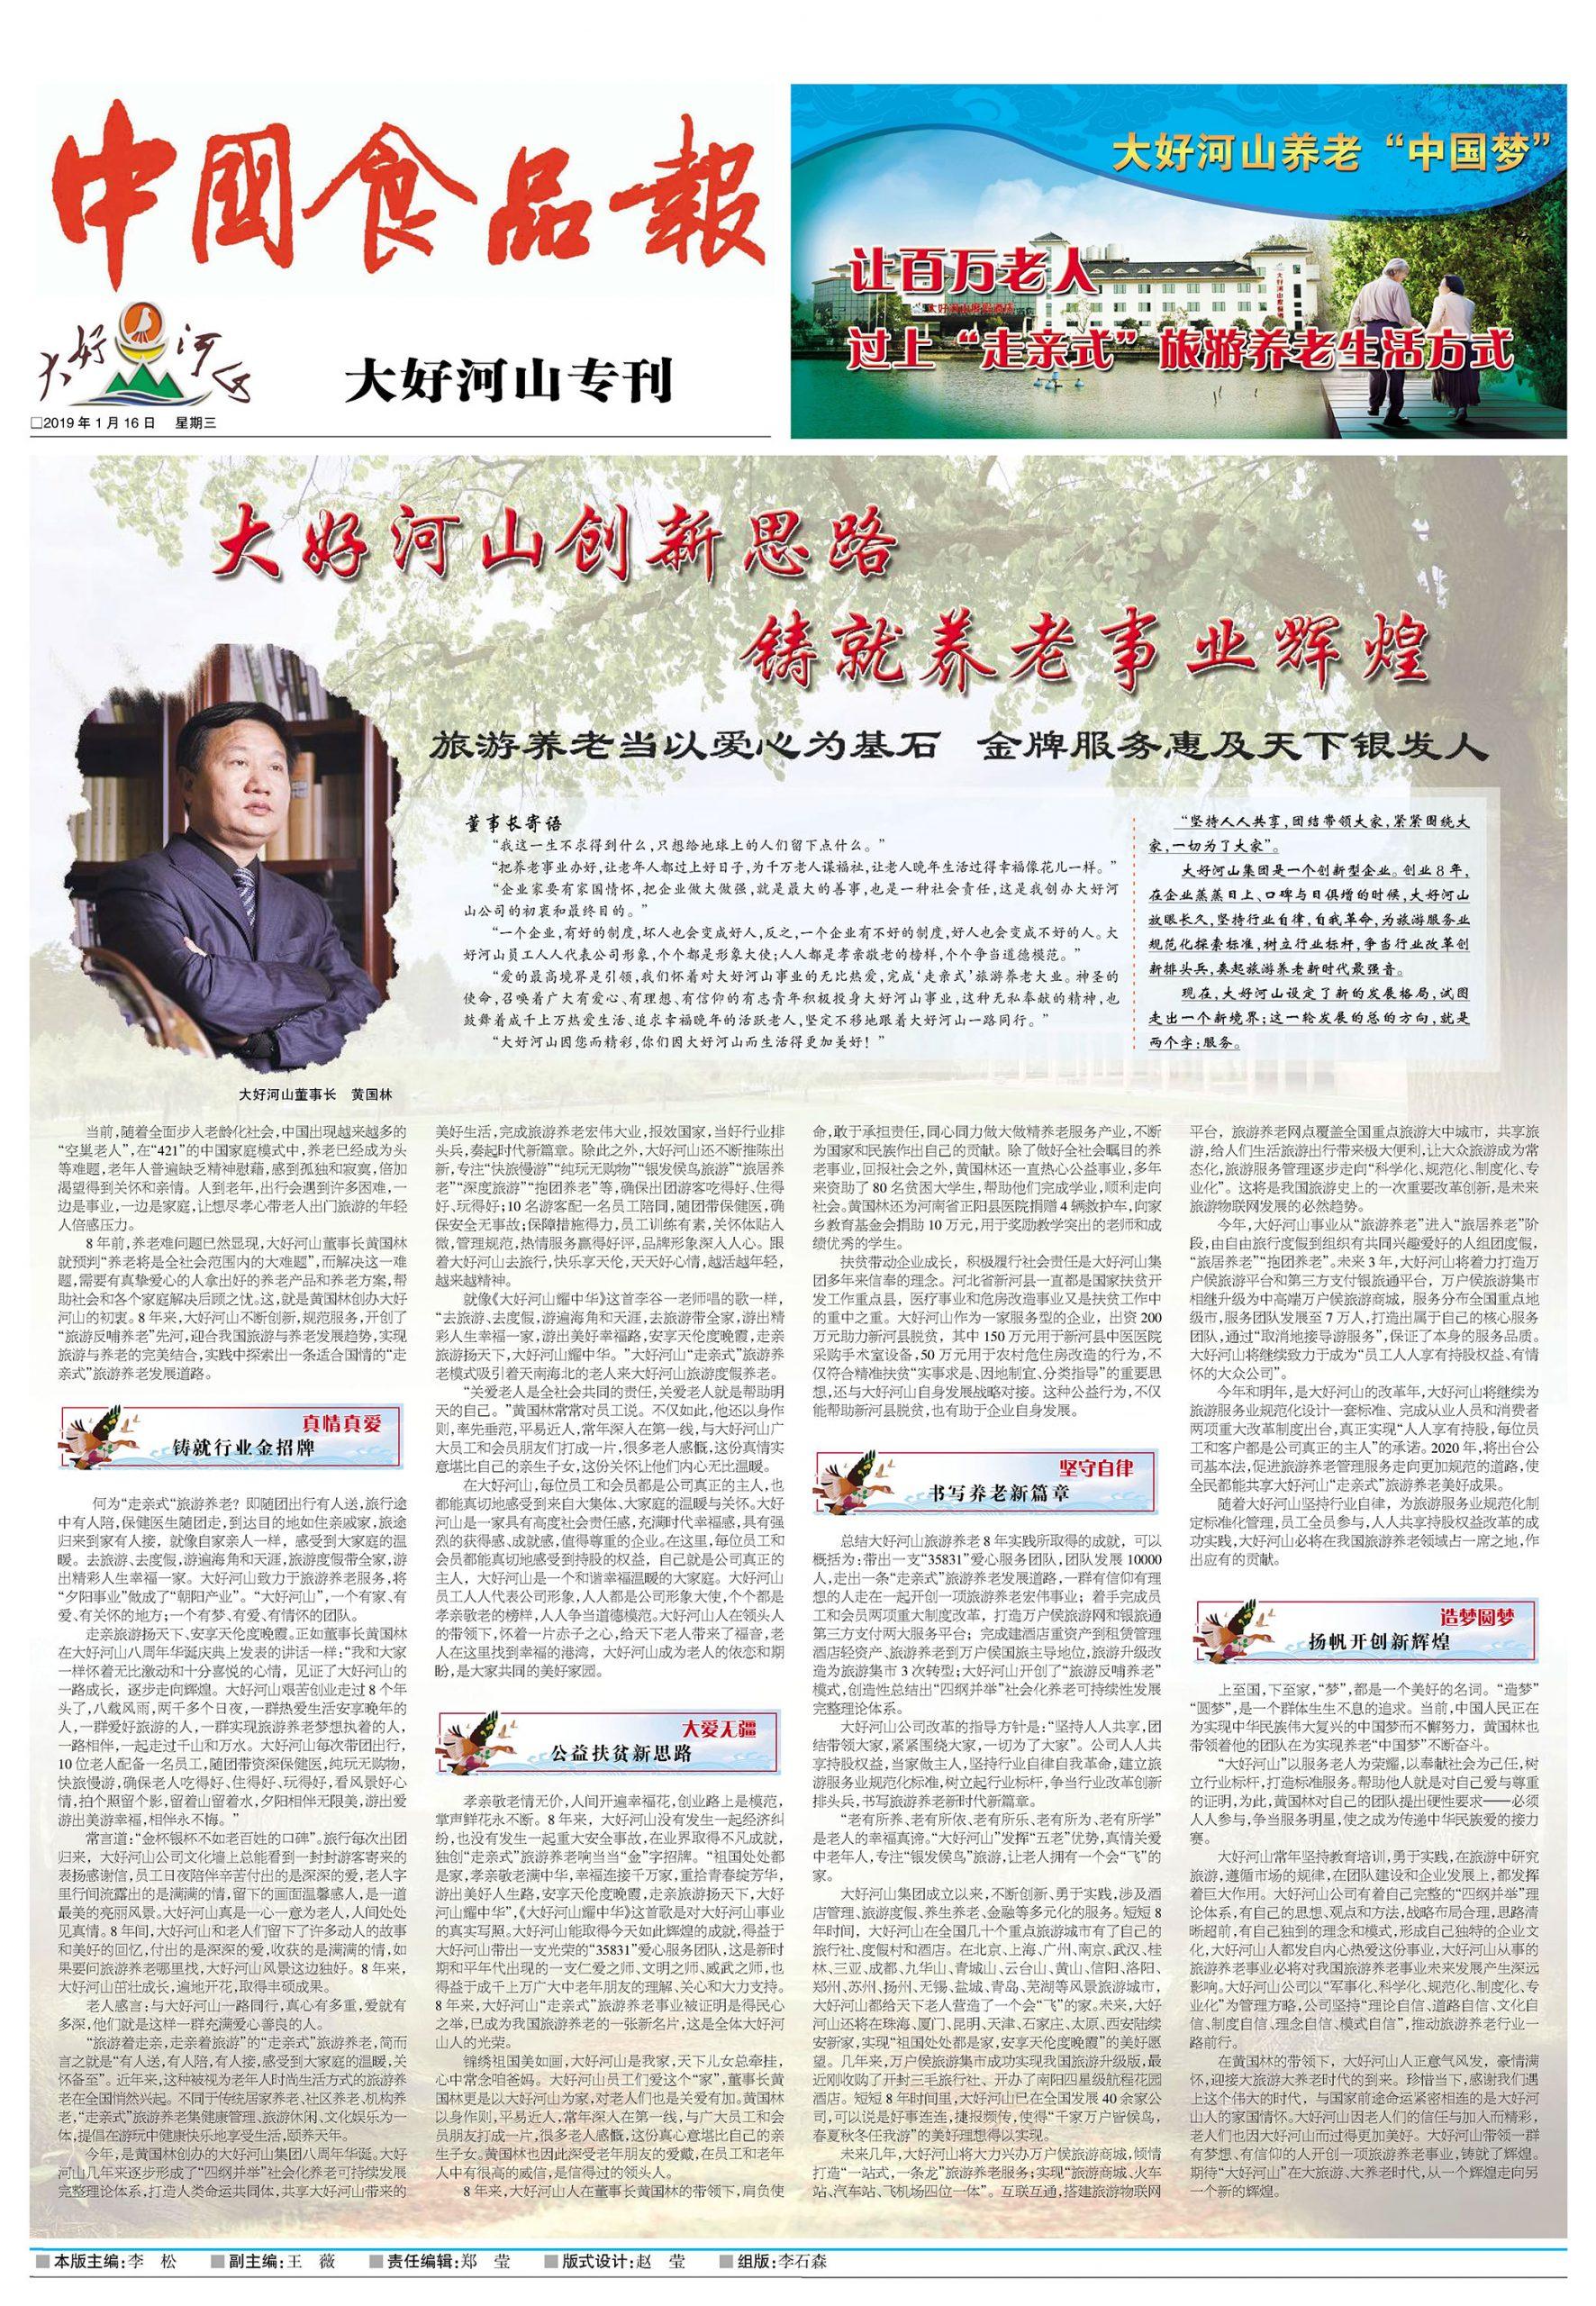 中国食品报 2019-01-16 专刊